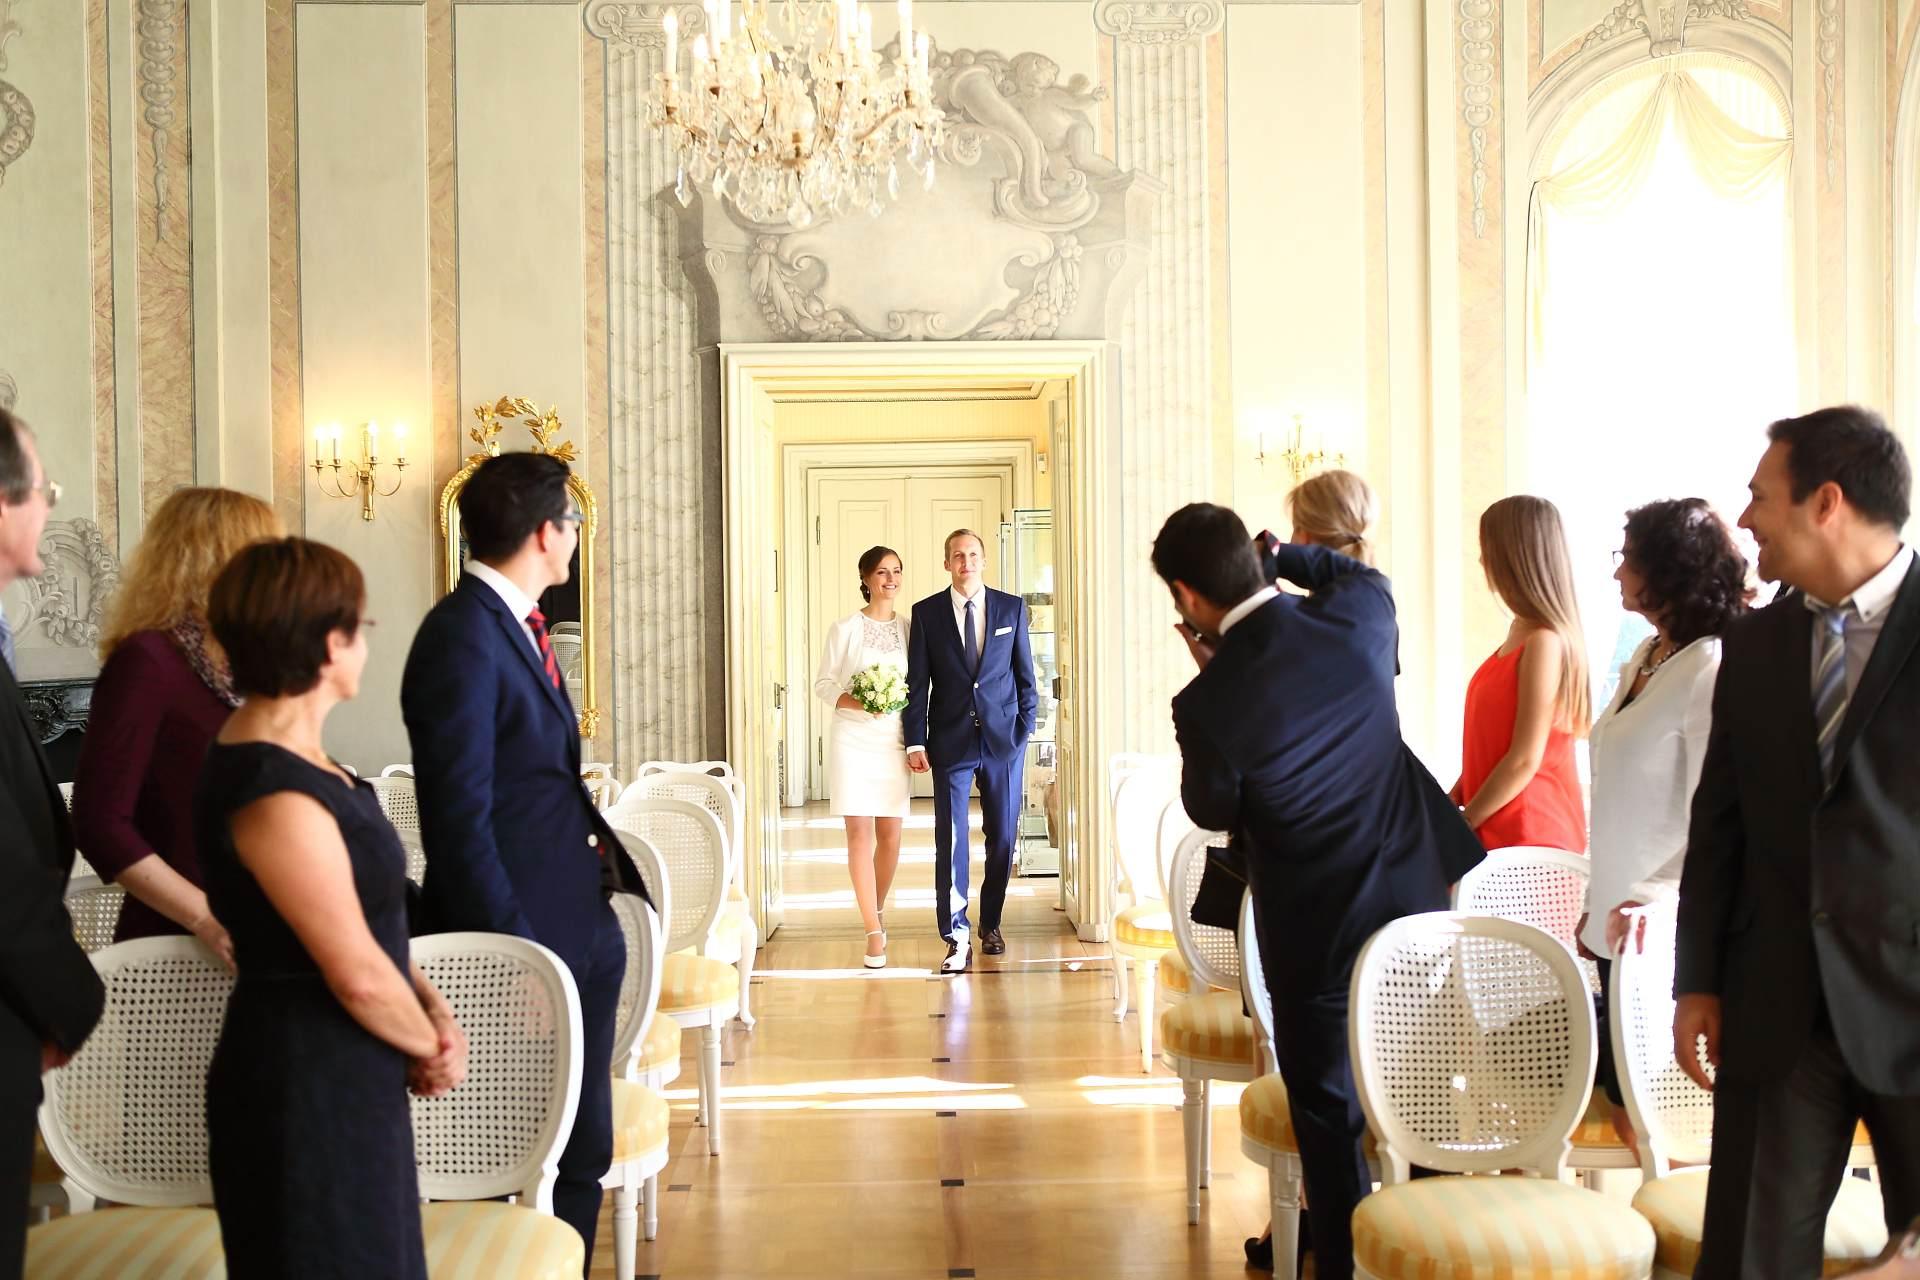 Hochzeitsfotos in Leipzig - Hochzeitspaar betritt den Saal